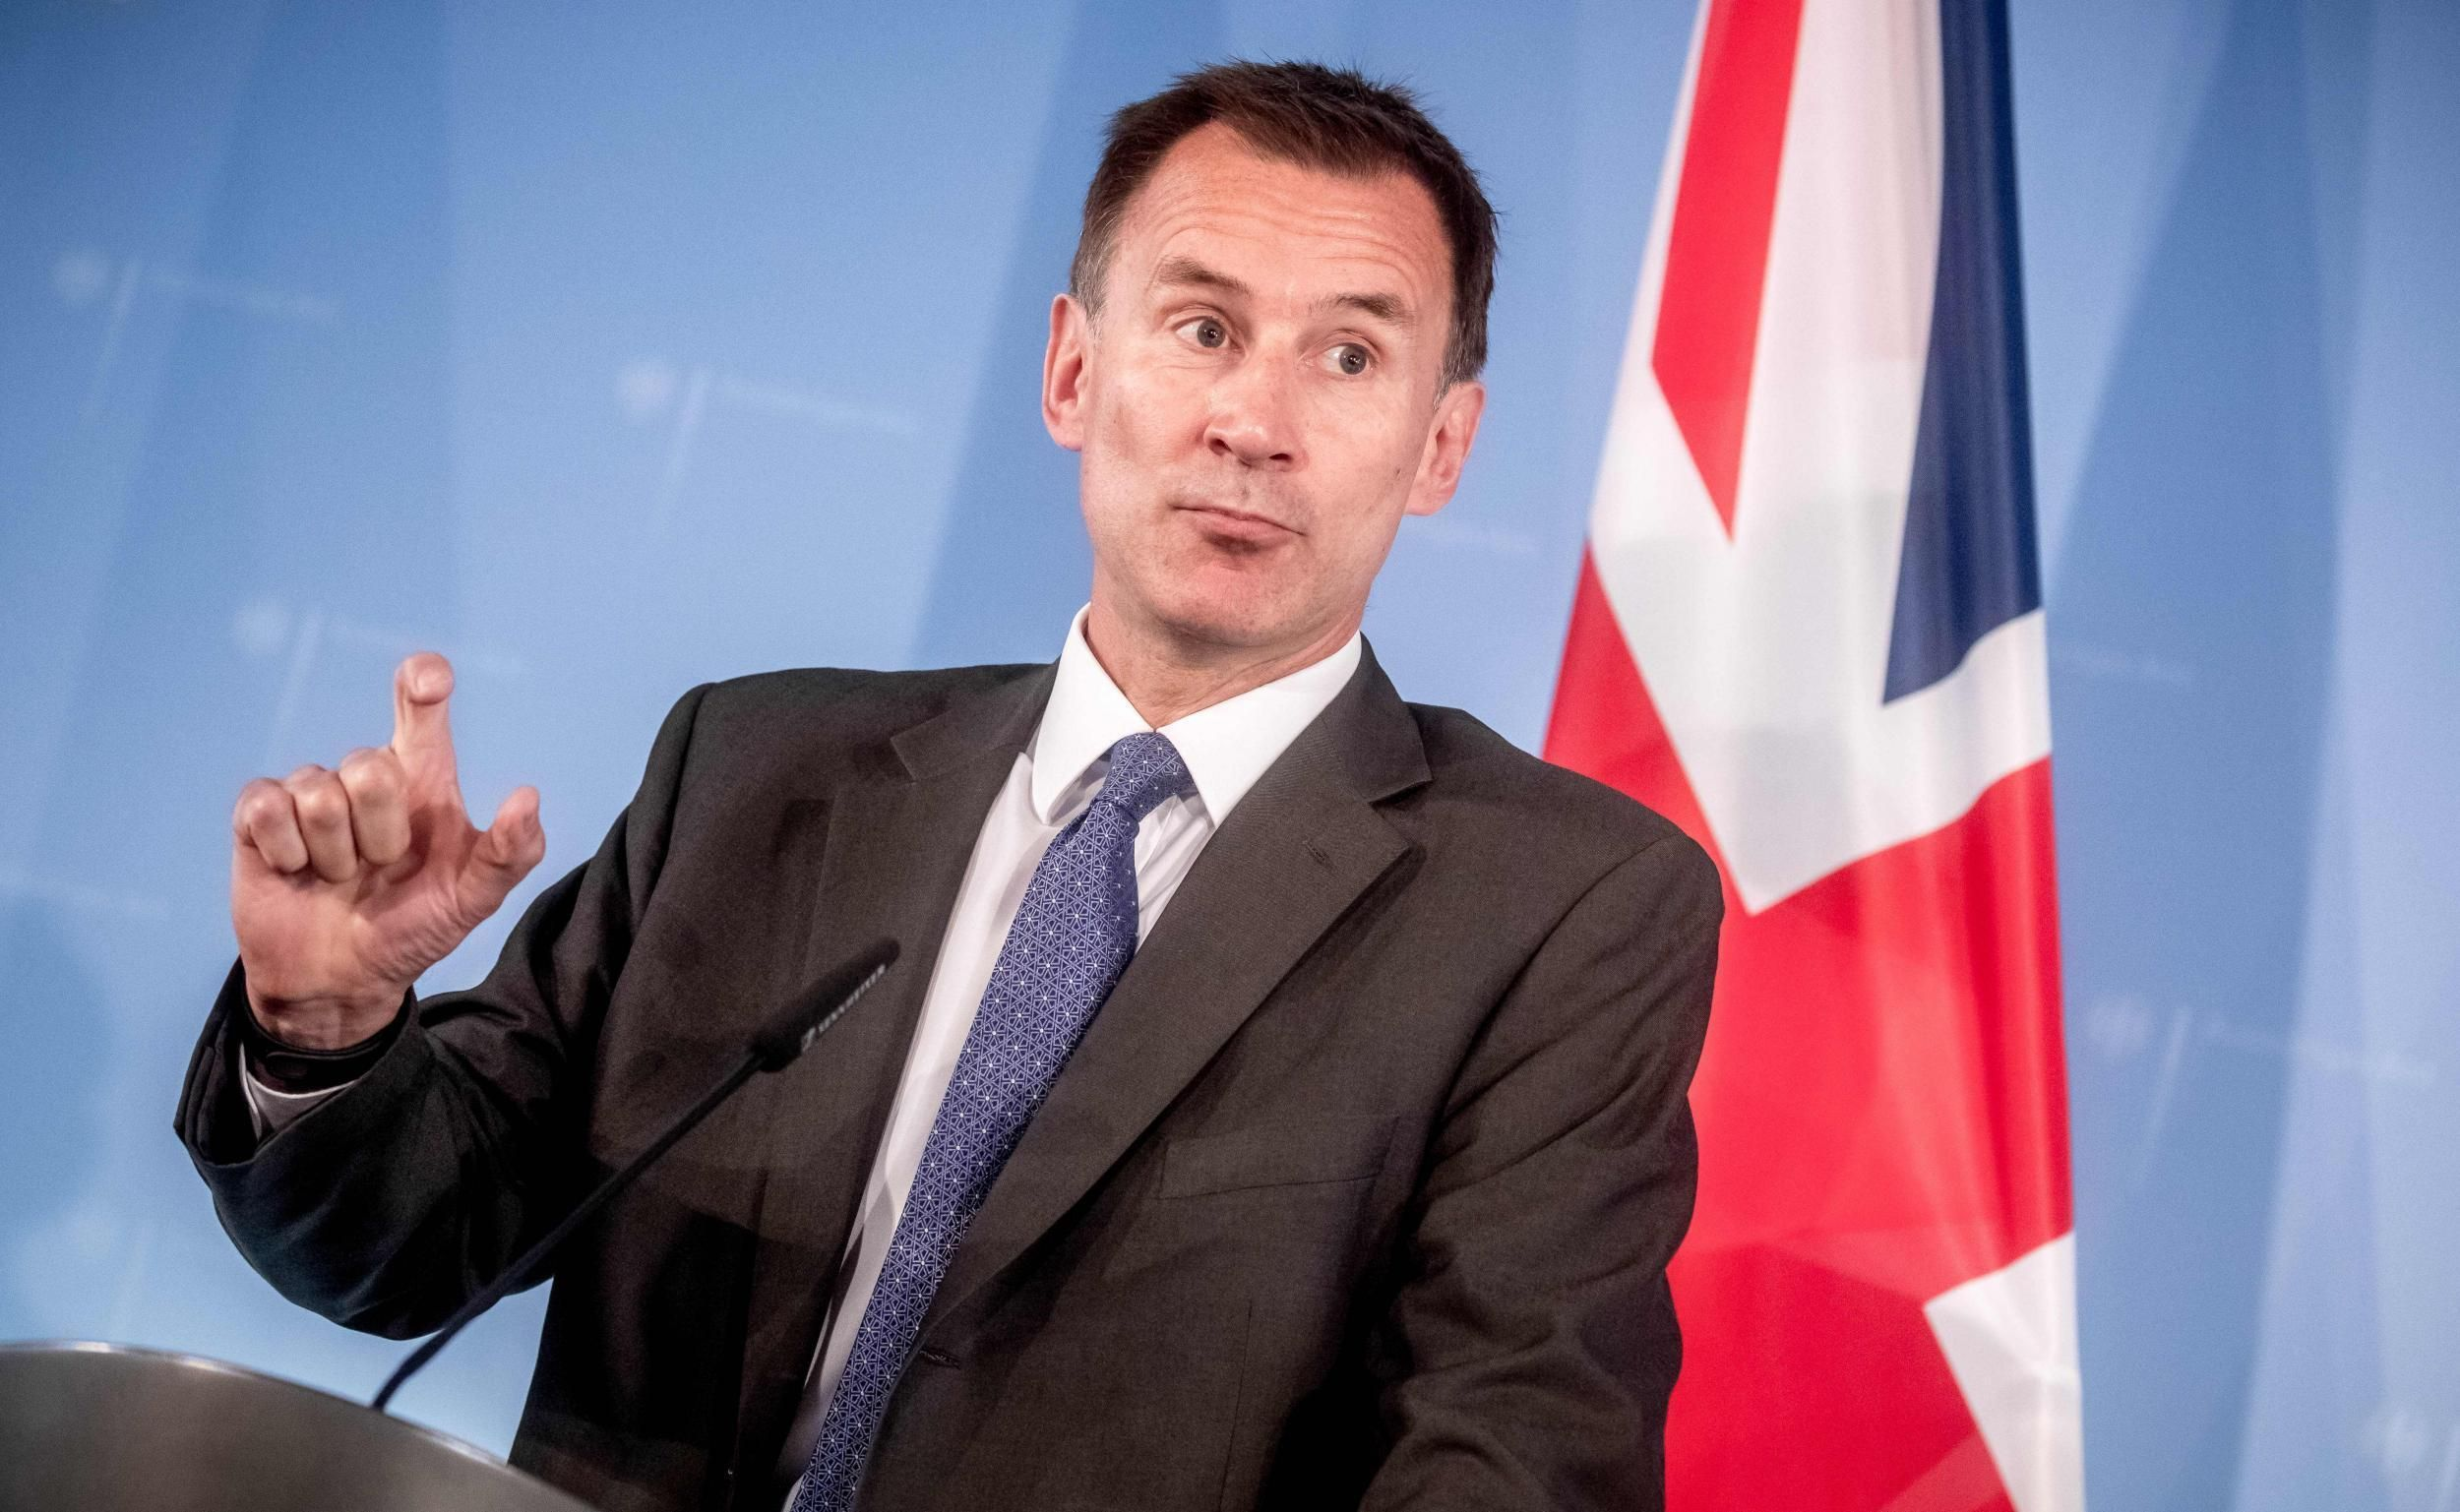 وزير الخارجية البريطاني يحذر من عواقب تصويت العموم ضد بريكست